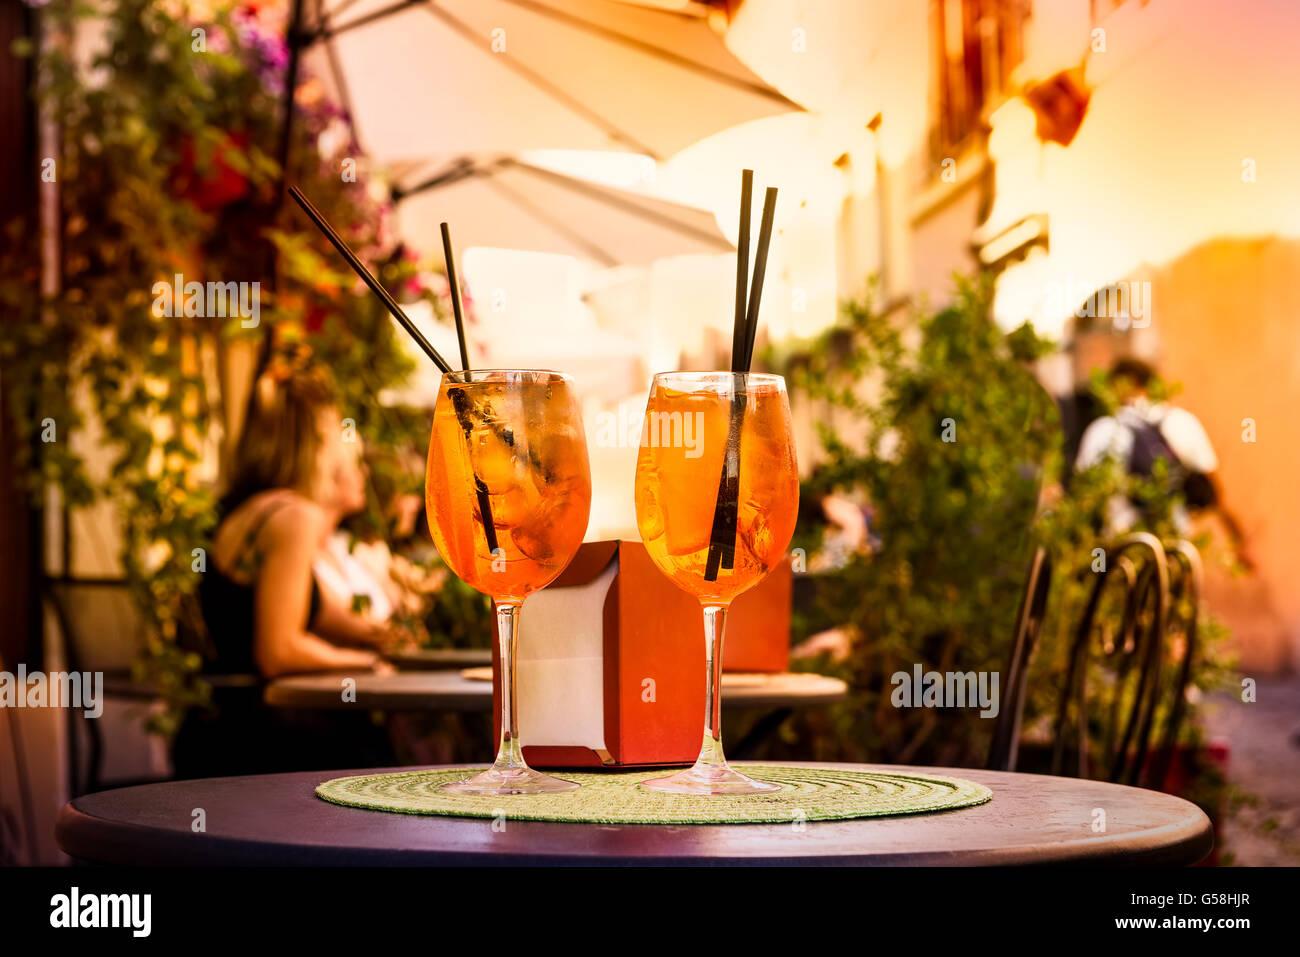 Aperol Spritz cóctel. Bebida alcohólica basada sobre la mesa con cubitos de hielo y naranjas. Imagen De Stock